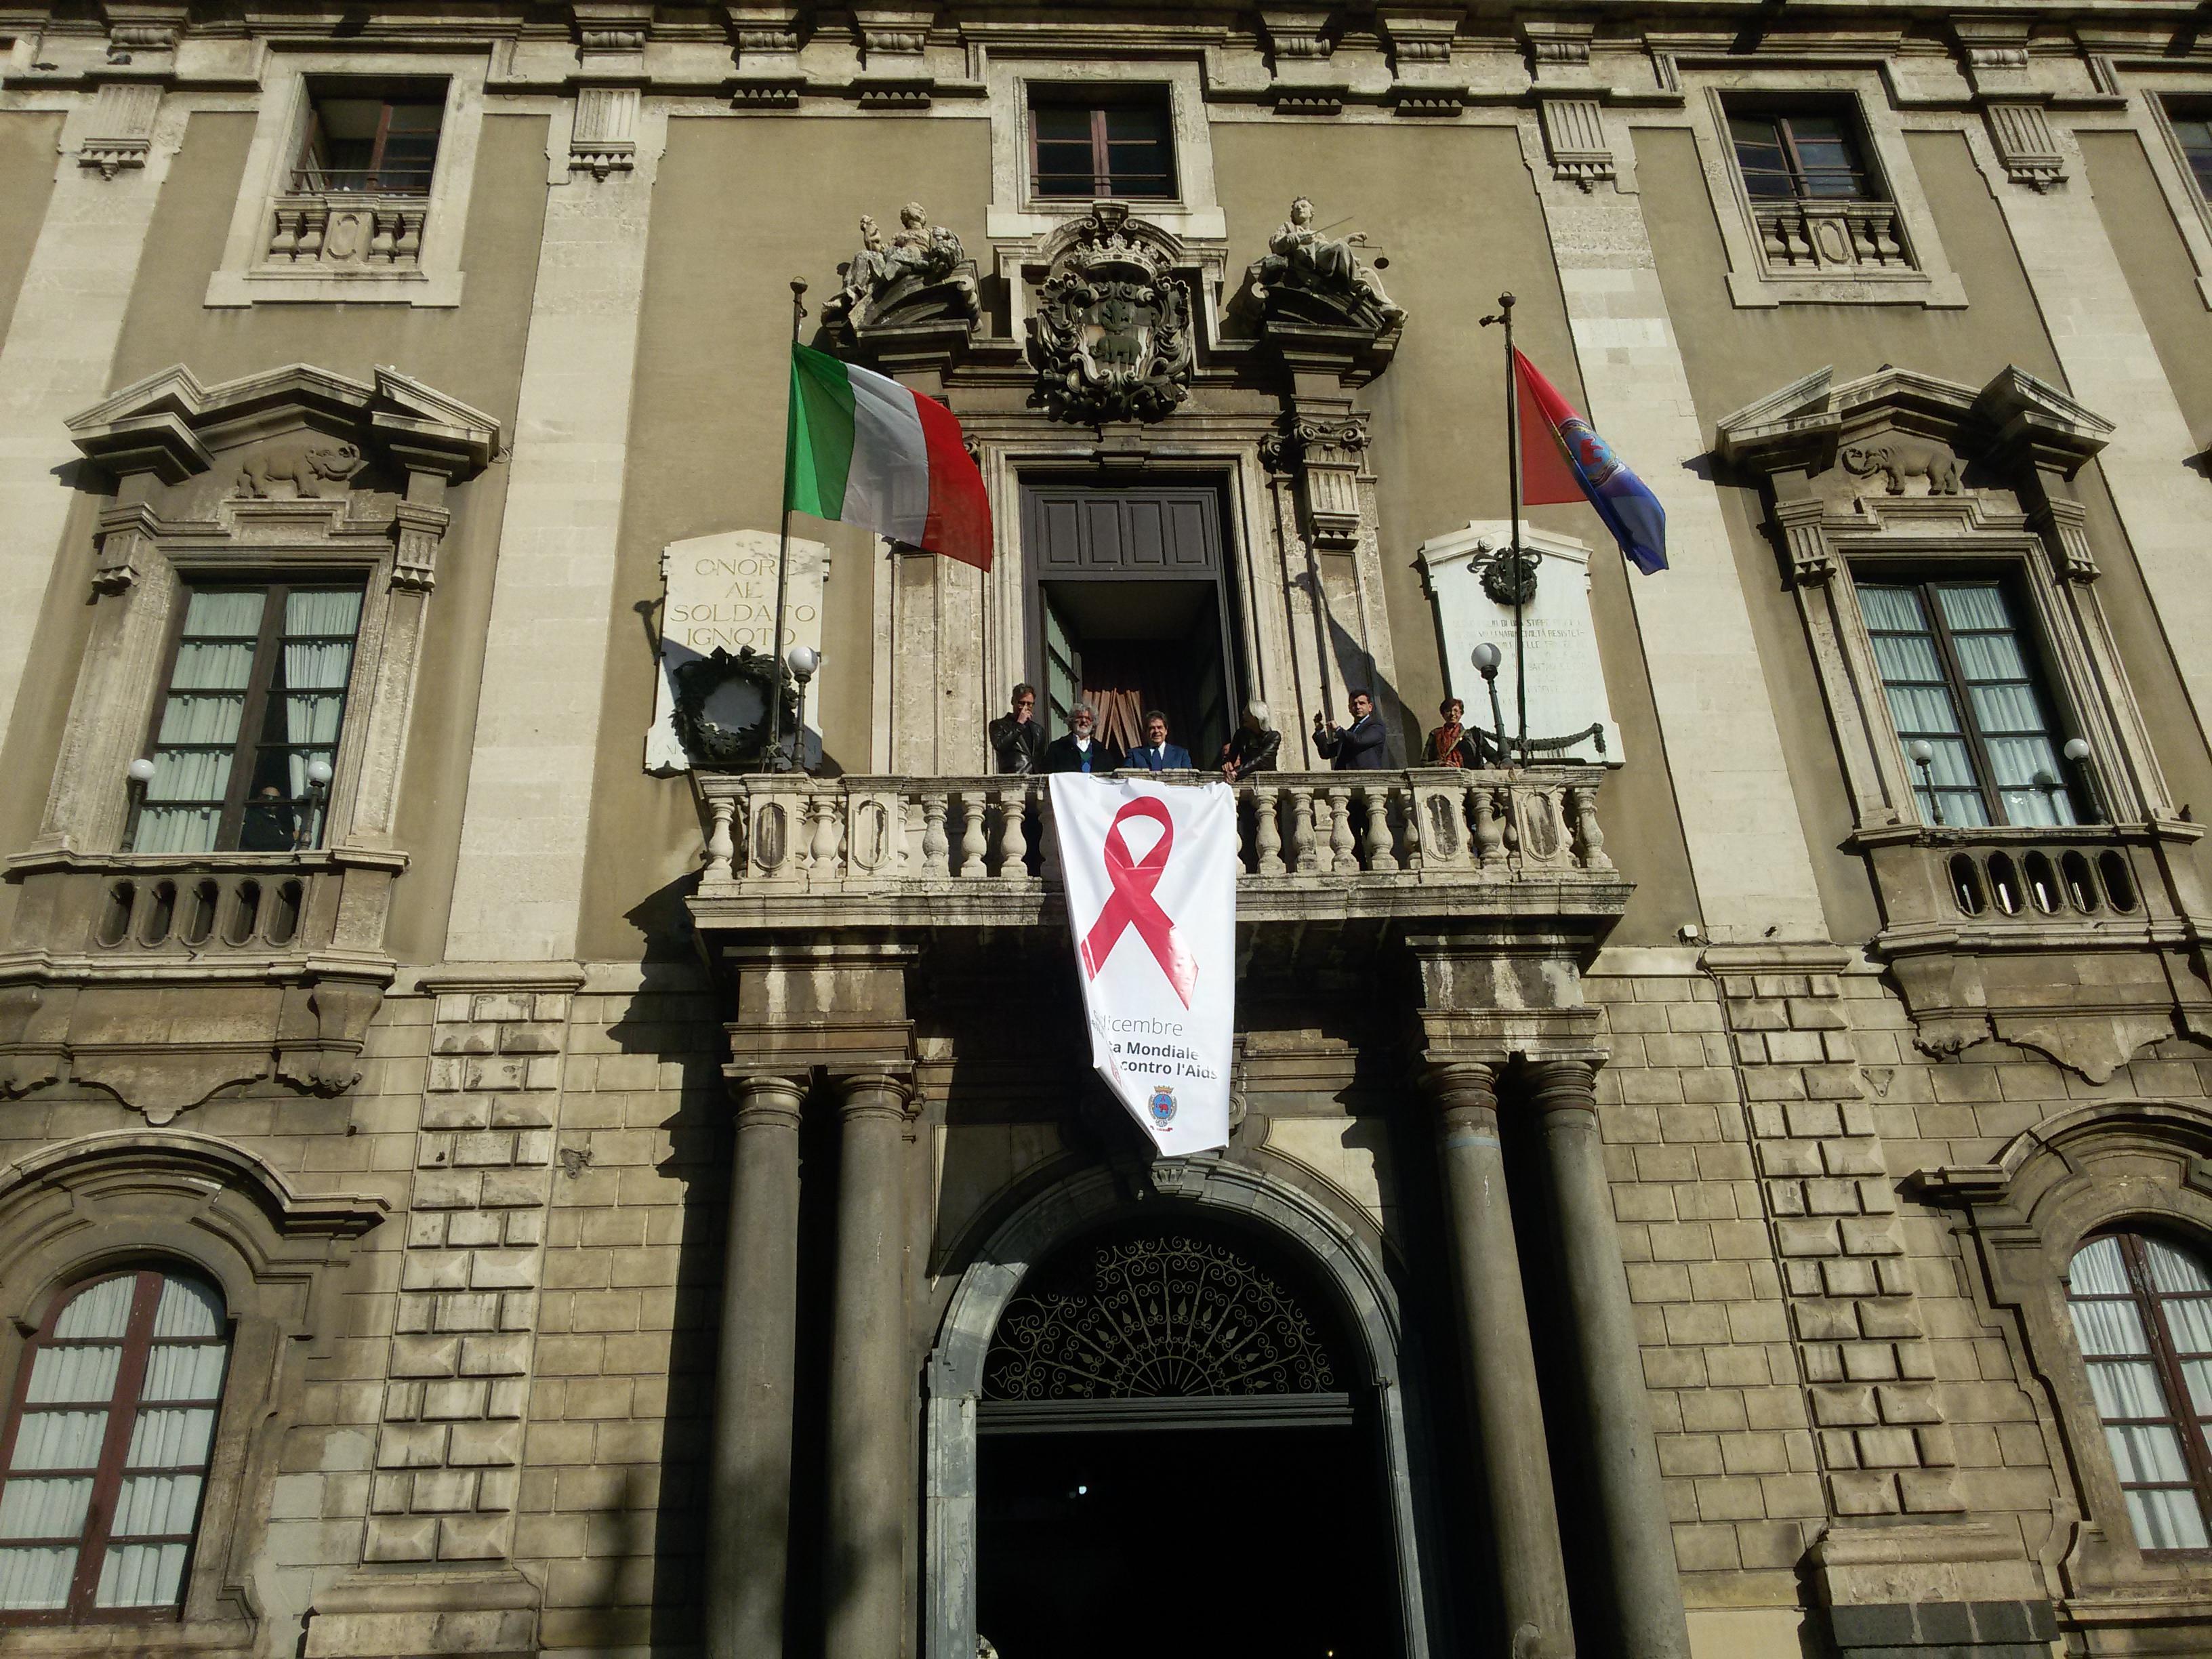 Giornata mondiale della lotta all'AIDS, sensibilizzazione e prevenzione